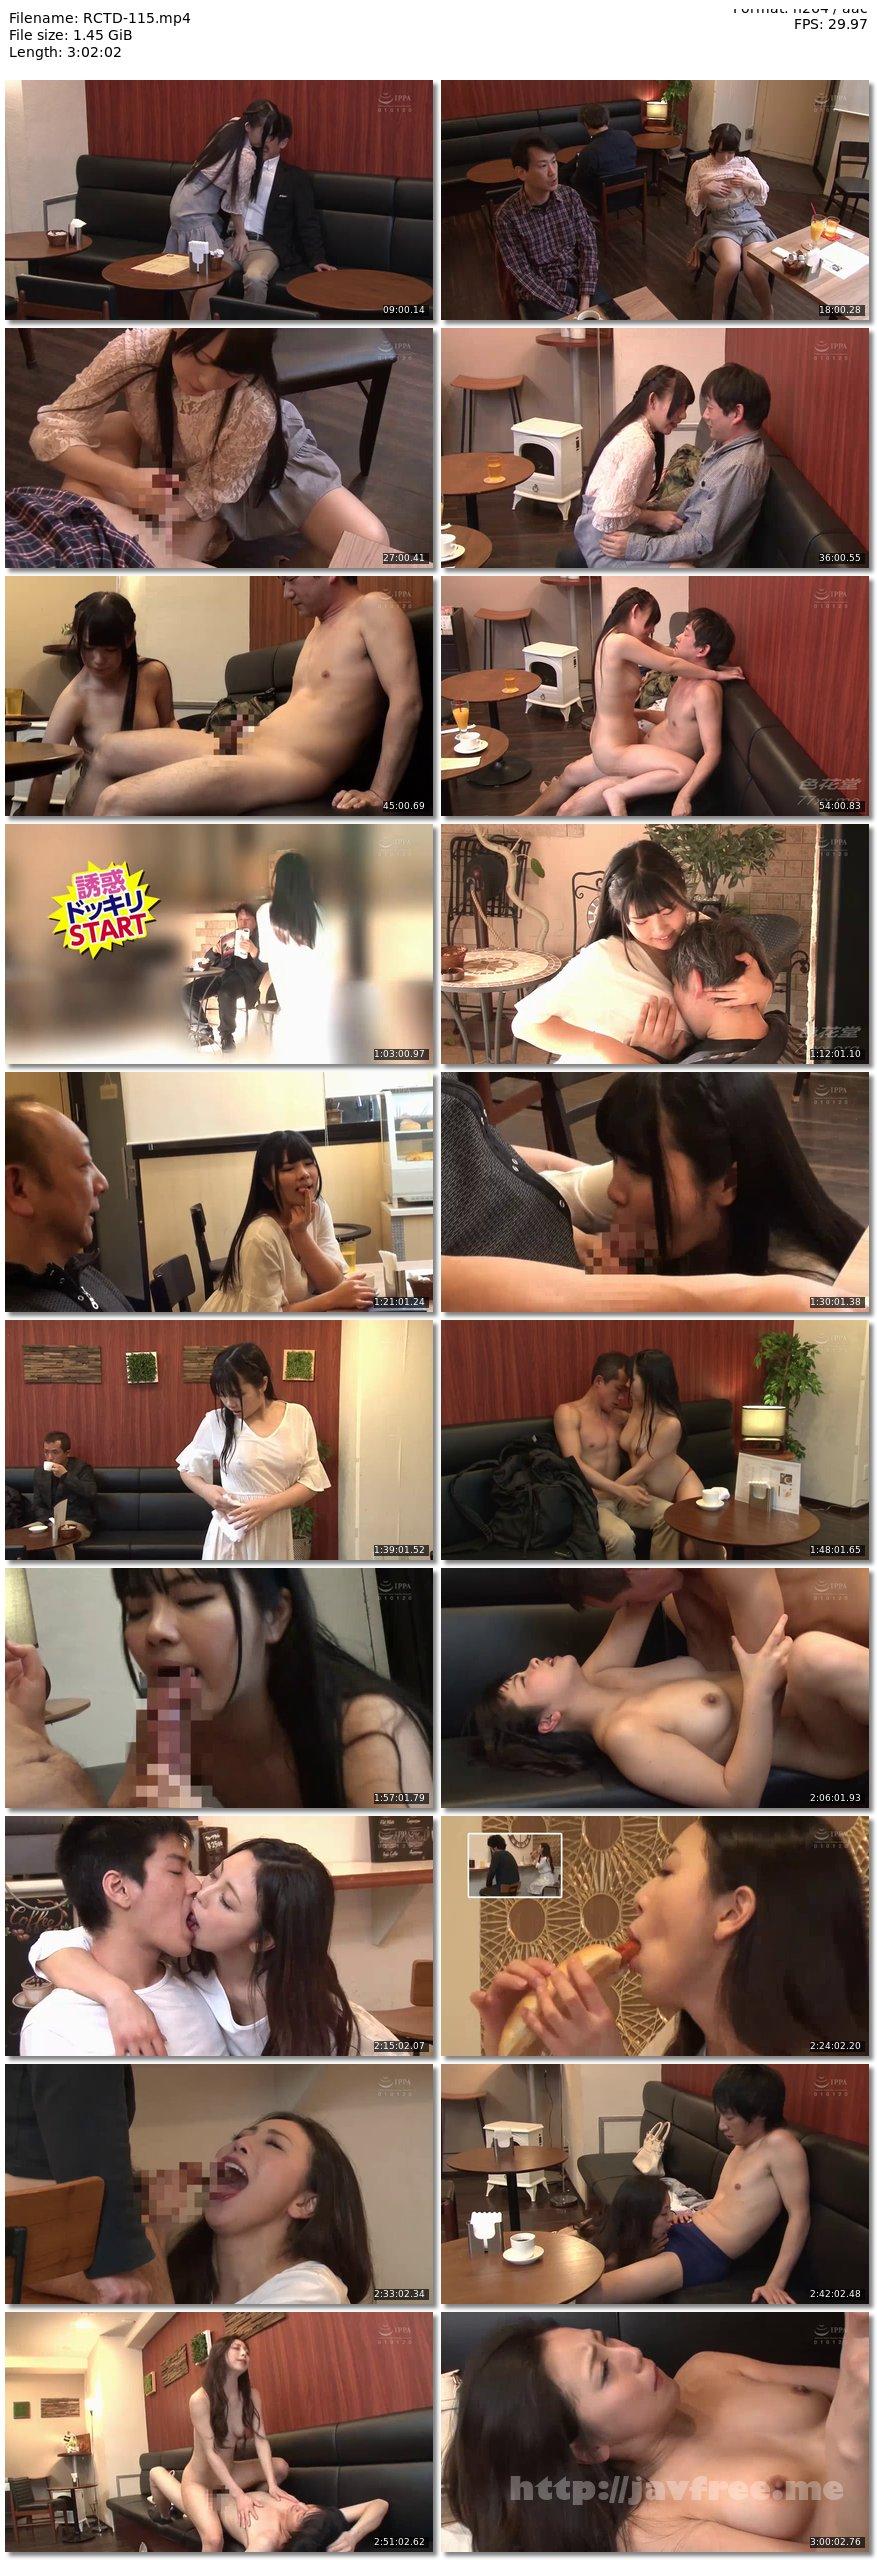 [RCTD-115] AV女優が一般男性に仕掛ける超ドッキリ!誘惑エロチューブ Vol.1